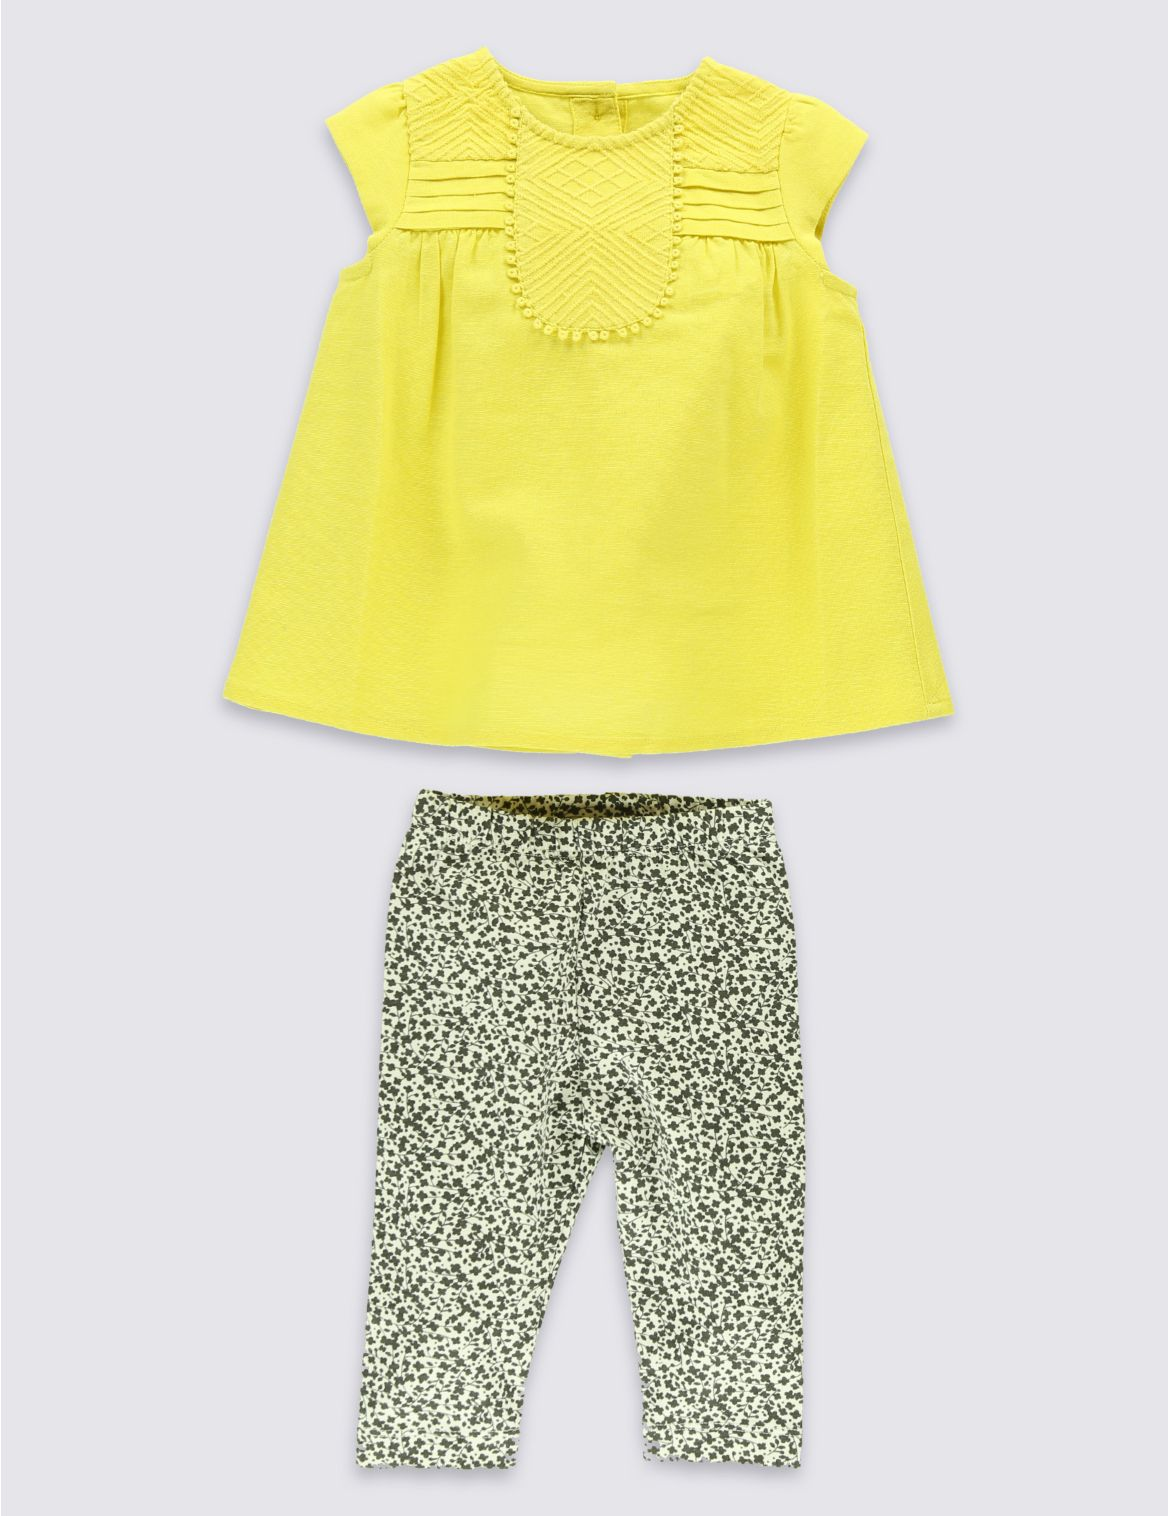 2-delige outfit van katoenrijke top en legging